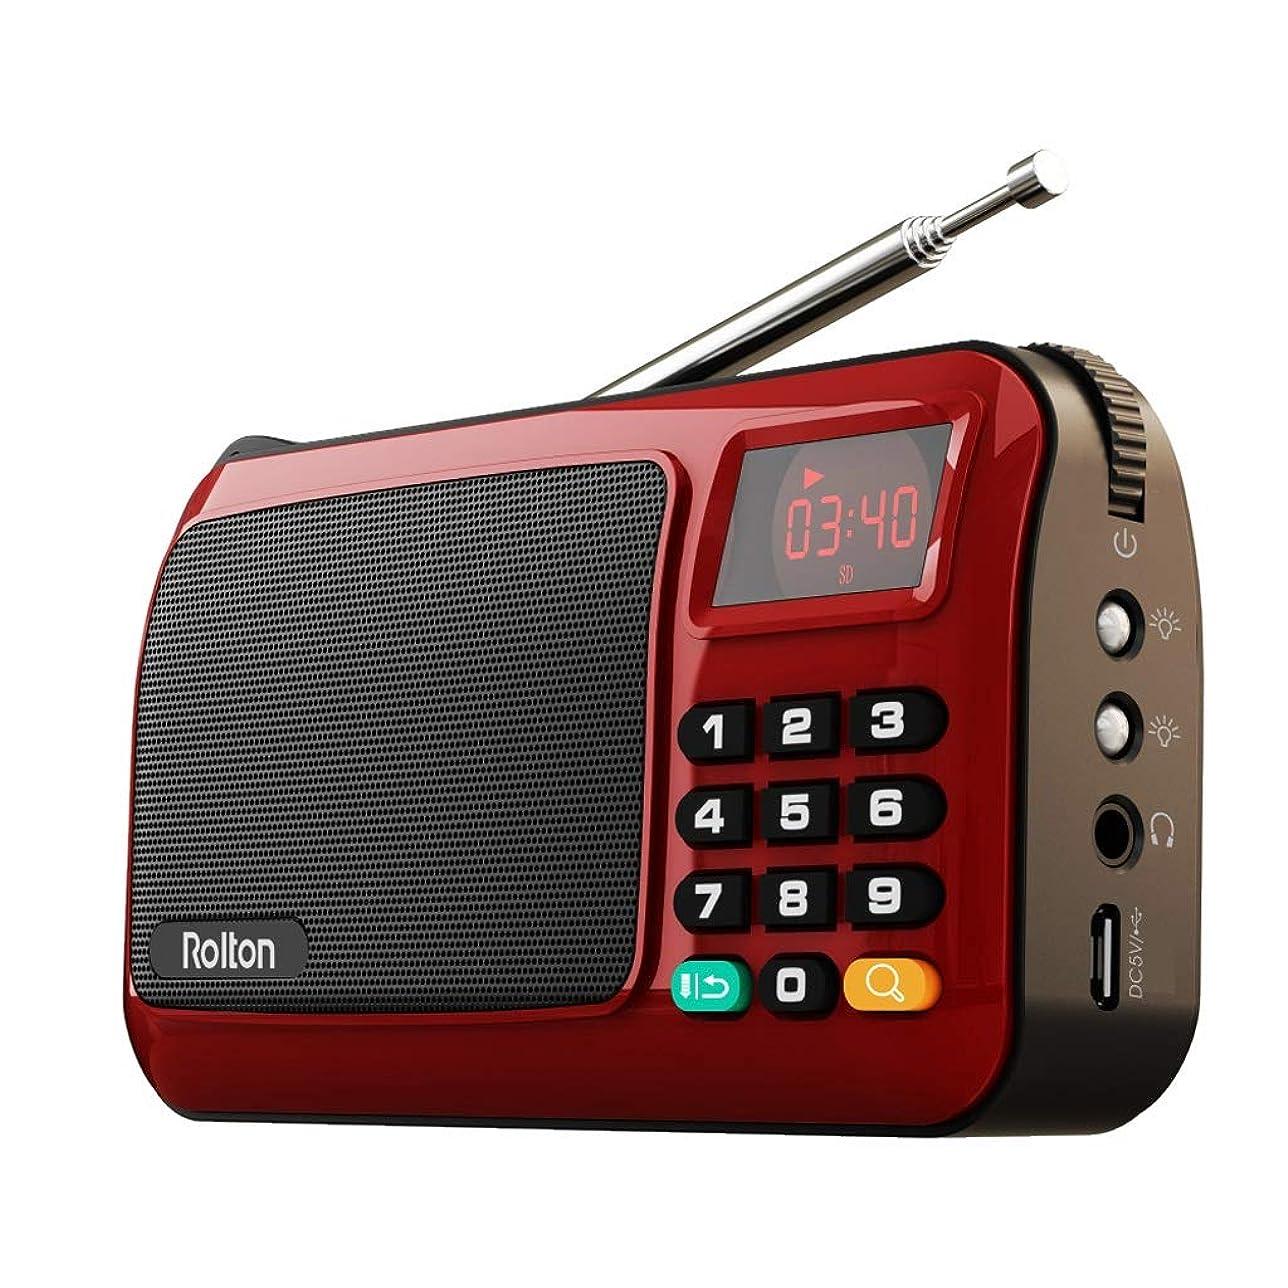 終わりナインへ作動するミニUSBポータブルFMラジオコンパクトステレオトラベルスピーカーミュージックプレーヤー (Color : Red)